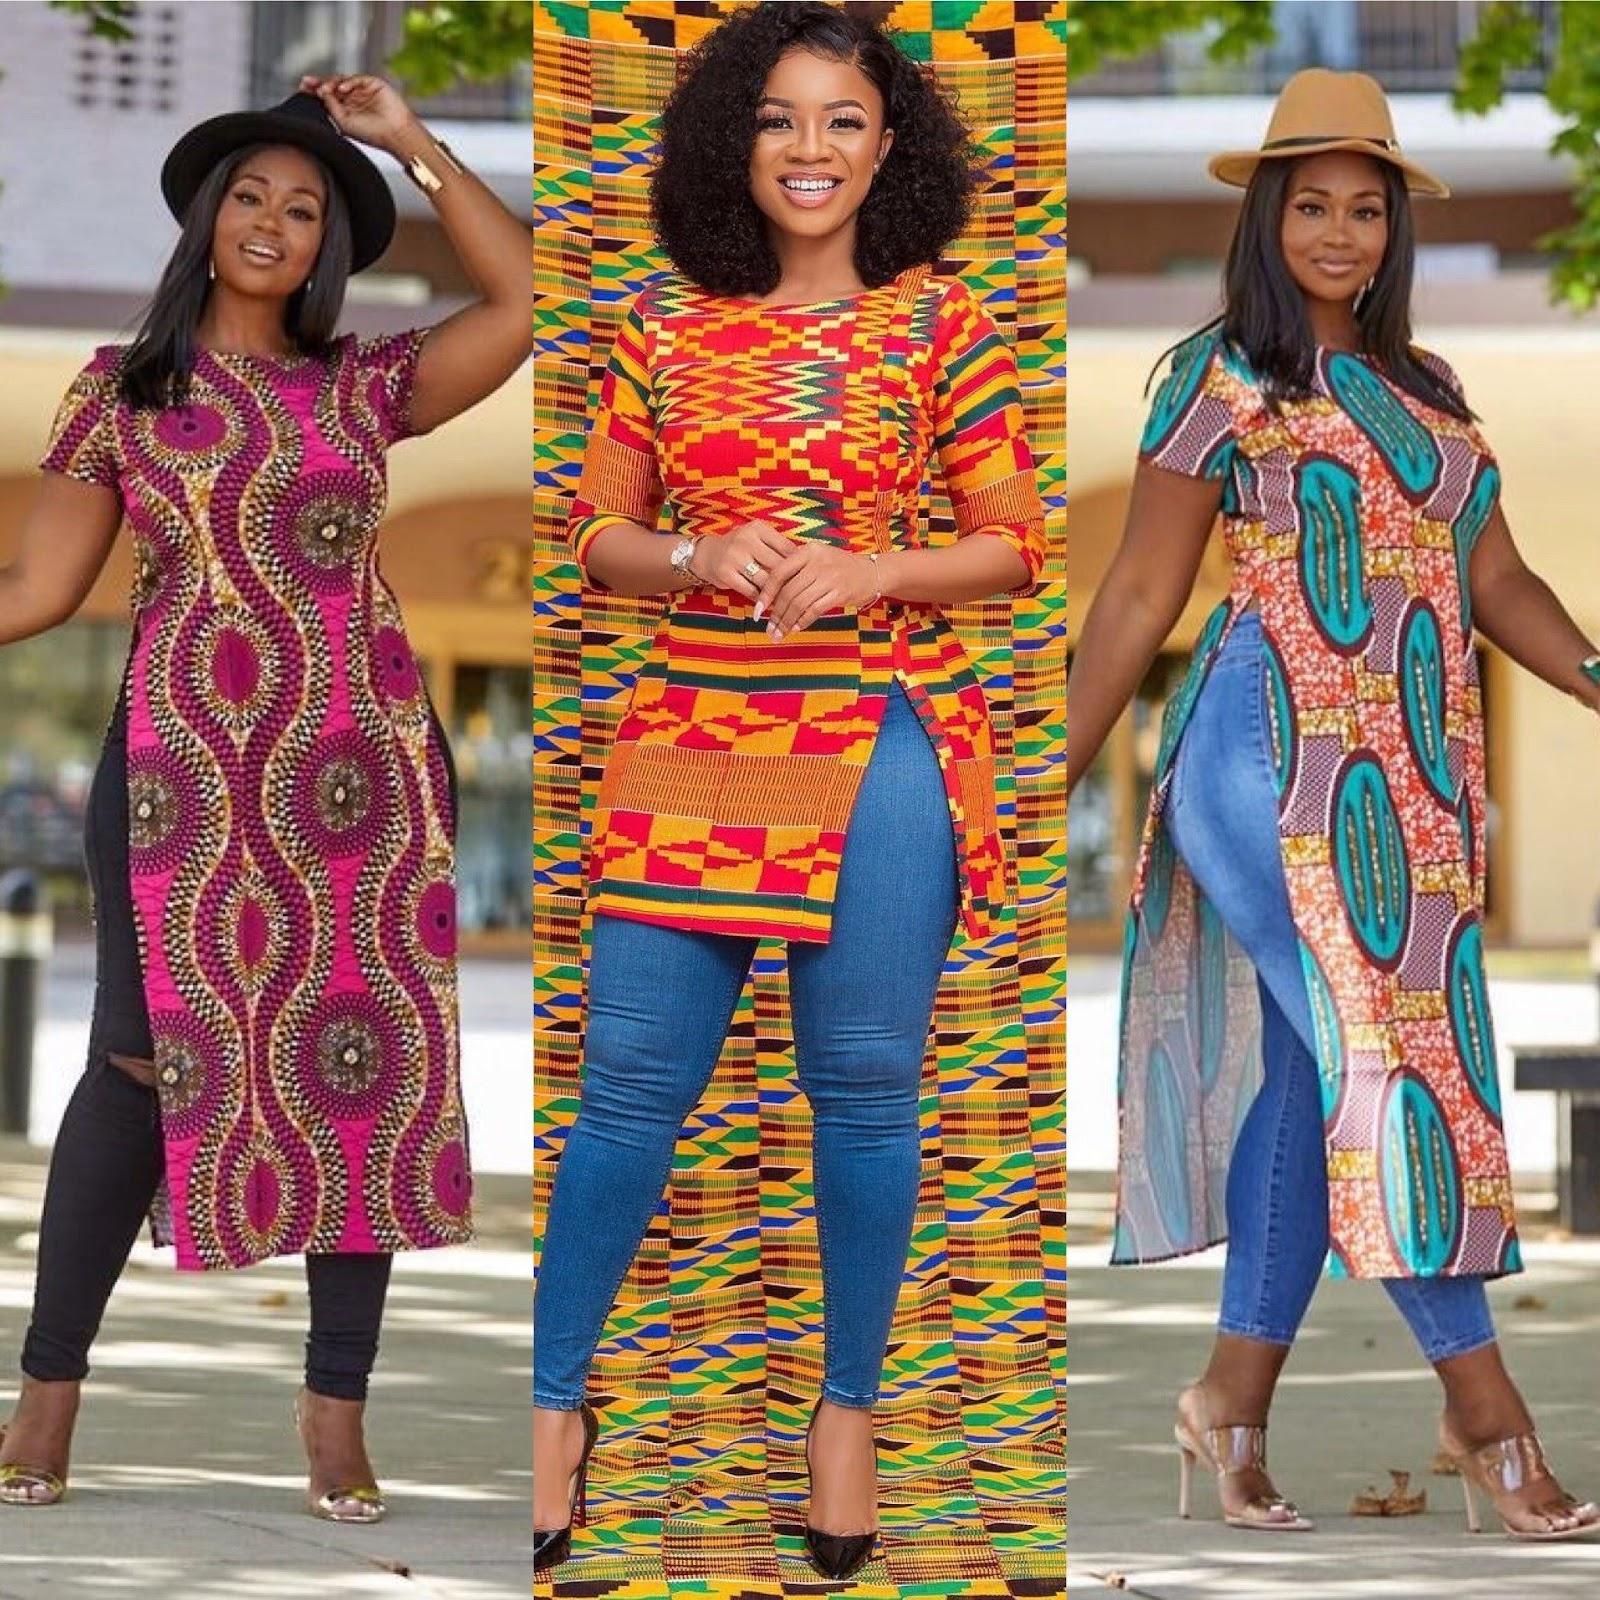 10 Photos: Elegant Ankara Fashion Styles Dresses For Ladies To Try Out -  latest Ankara Styles 2020